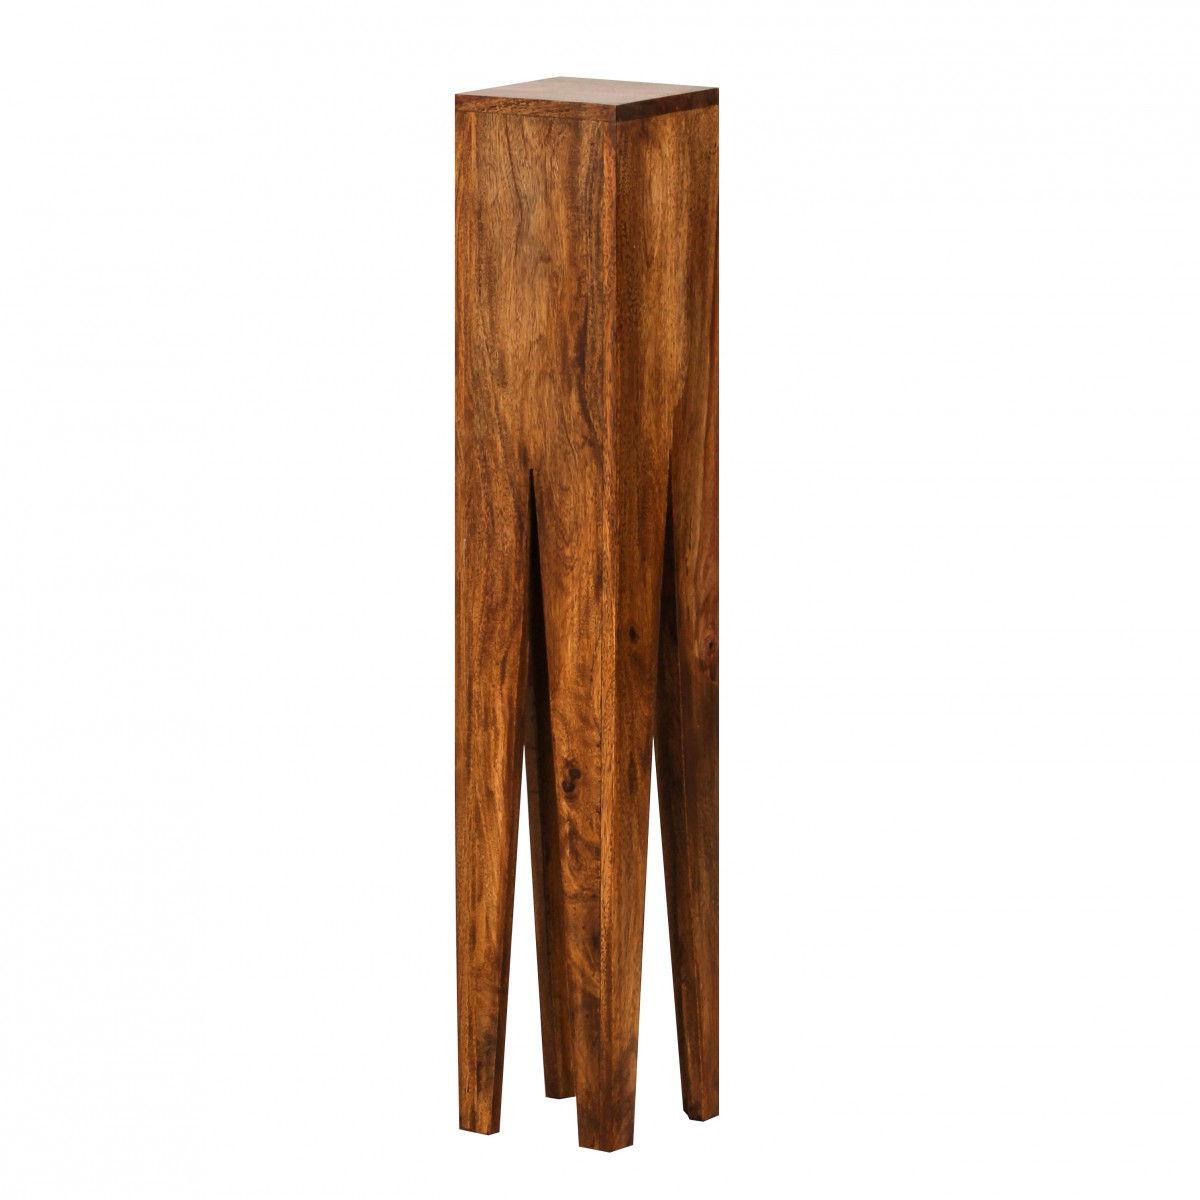 Weran Beistelltisch 3er Set KADA Massivholz Sheesham Wohnzimmer Tisch  Design Säulen Landhausstil Couchtisch Quadratisch